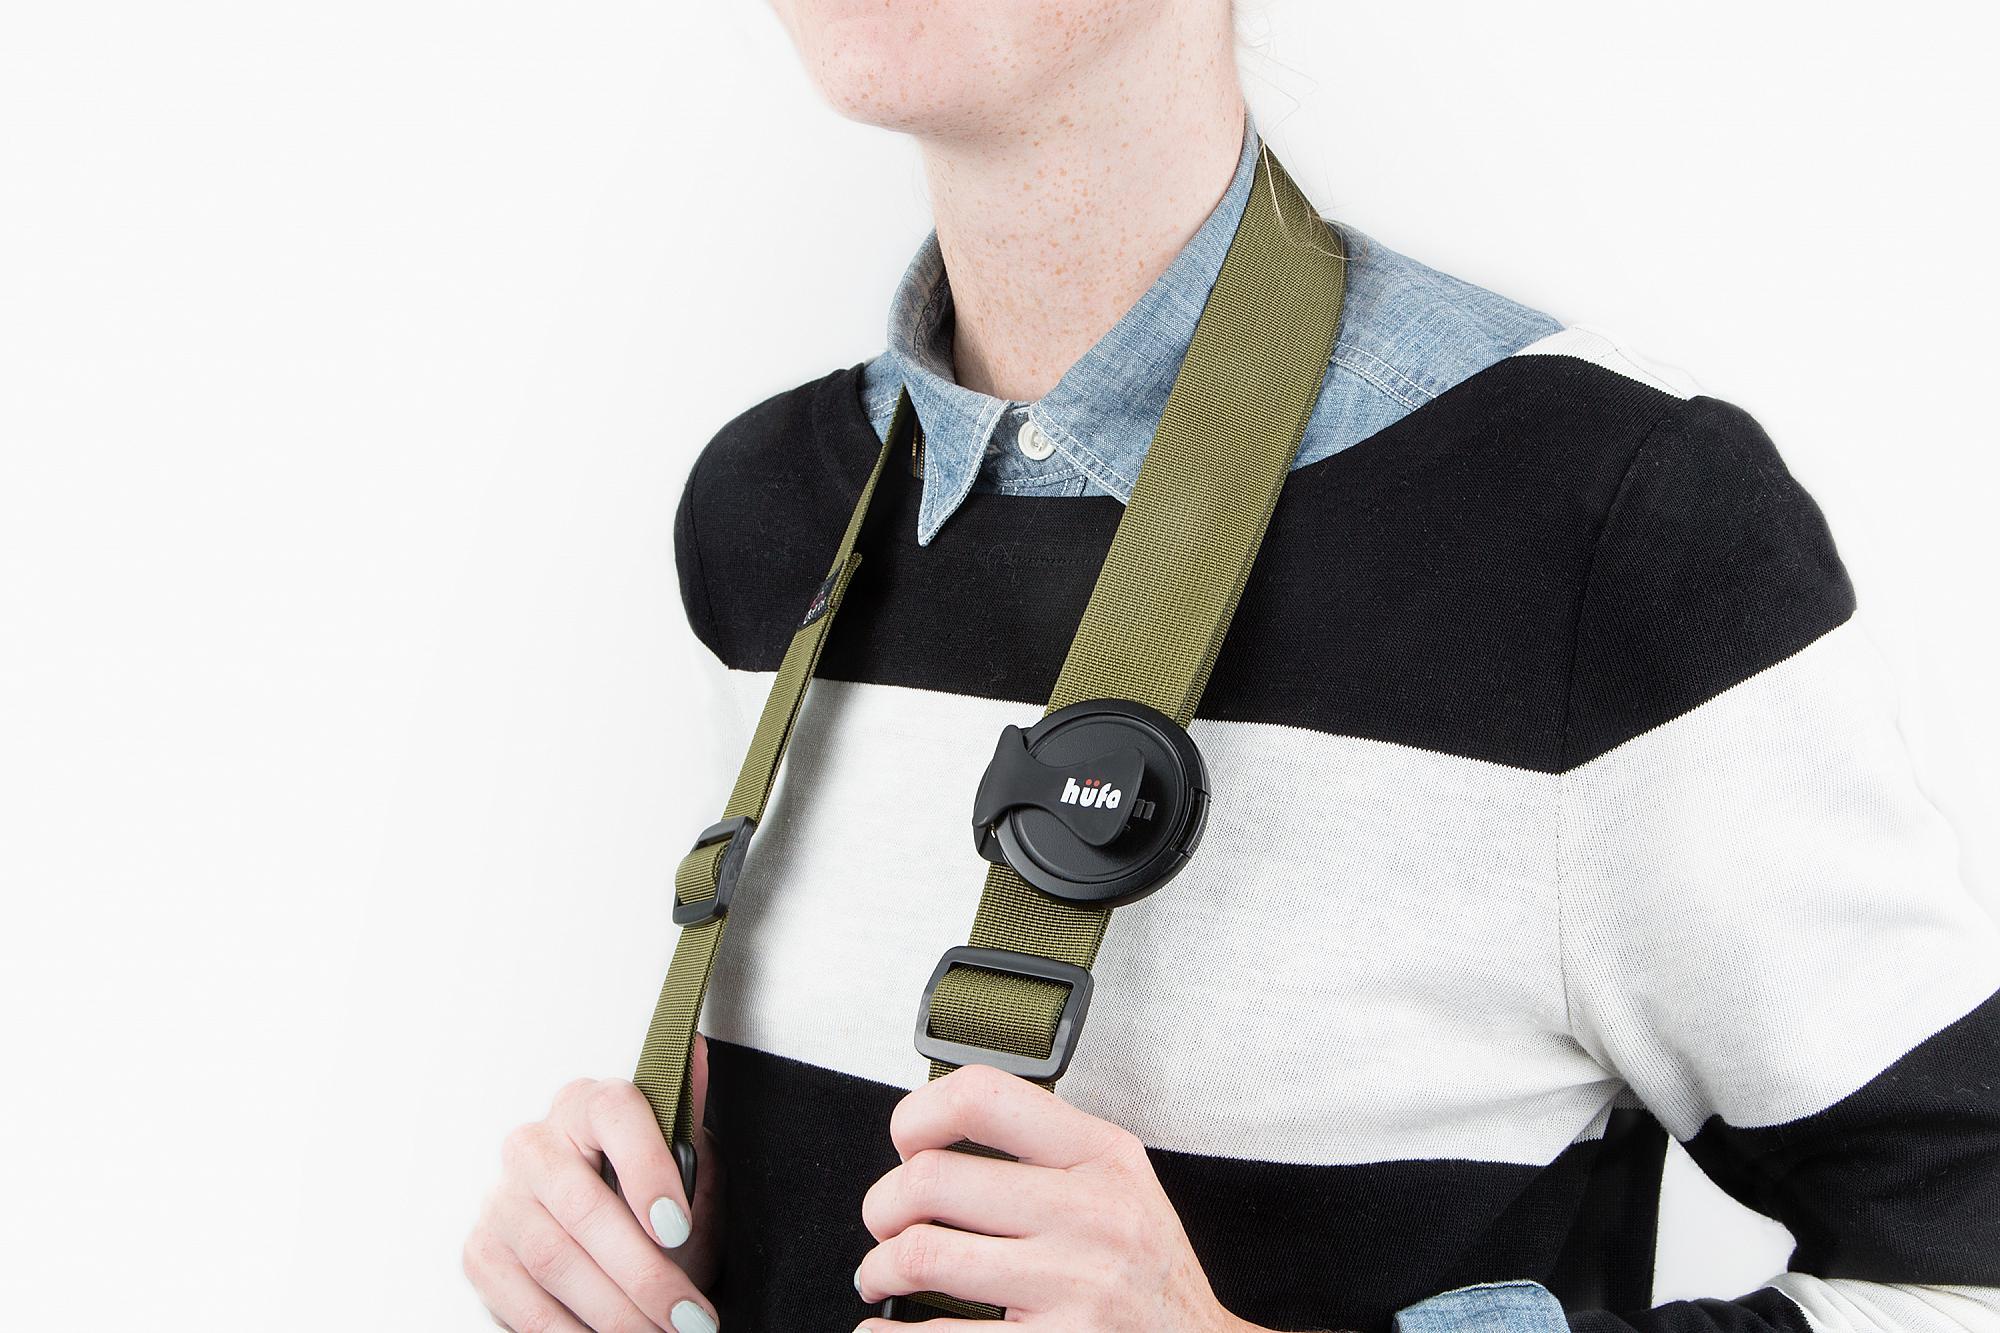 spänne till kameraremmen som håller reda på ditt linslock